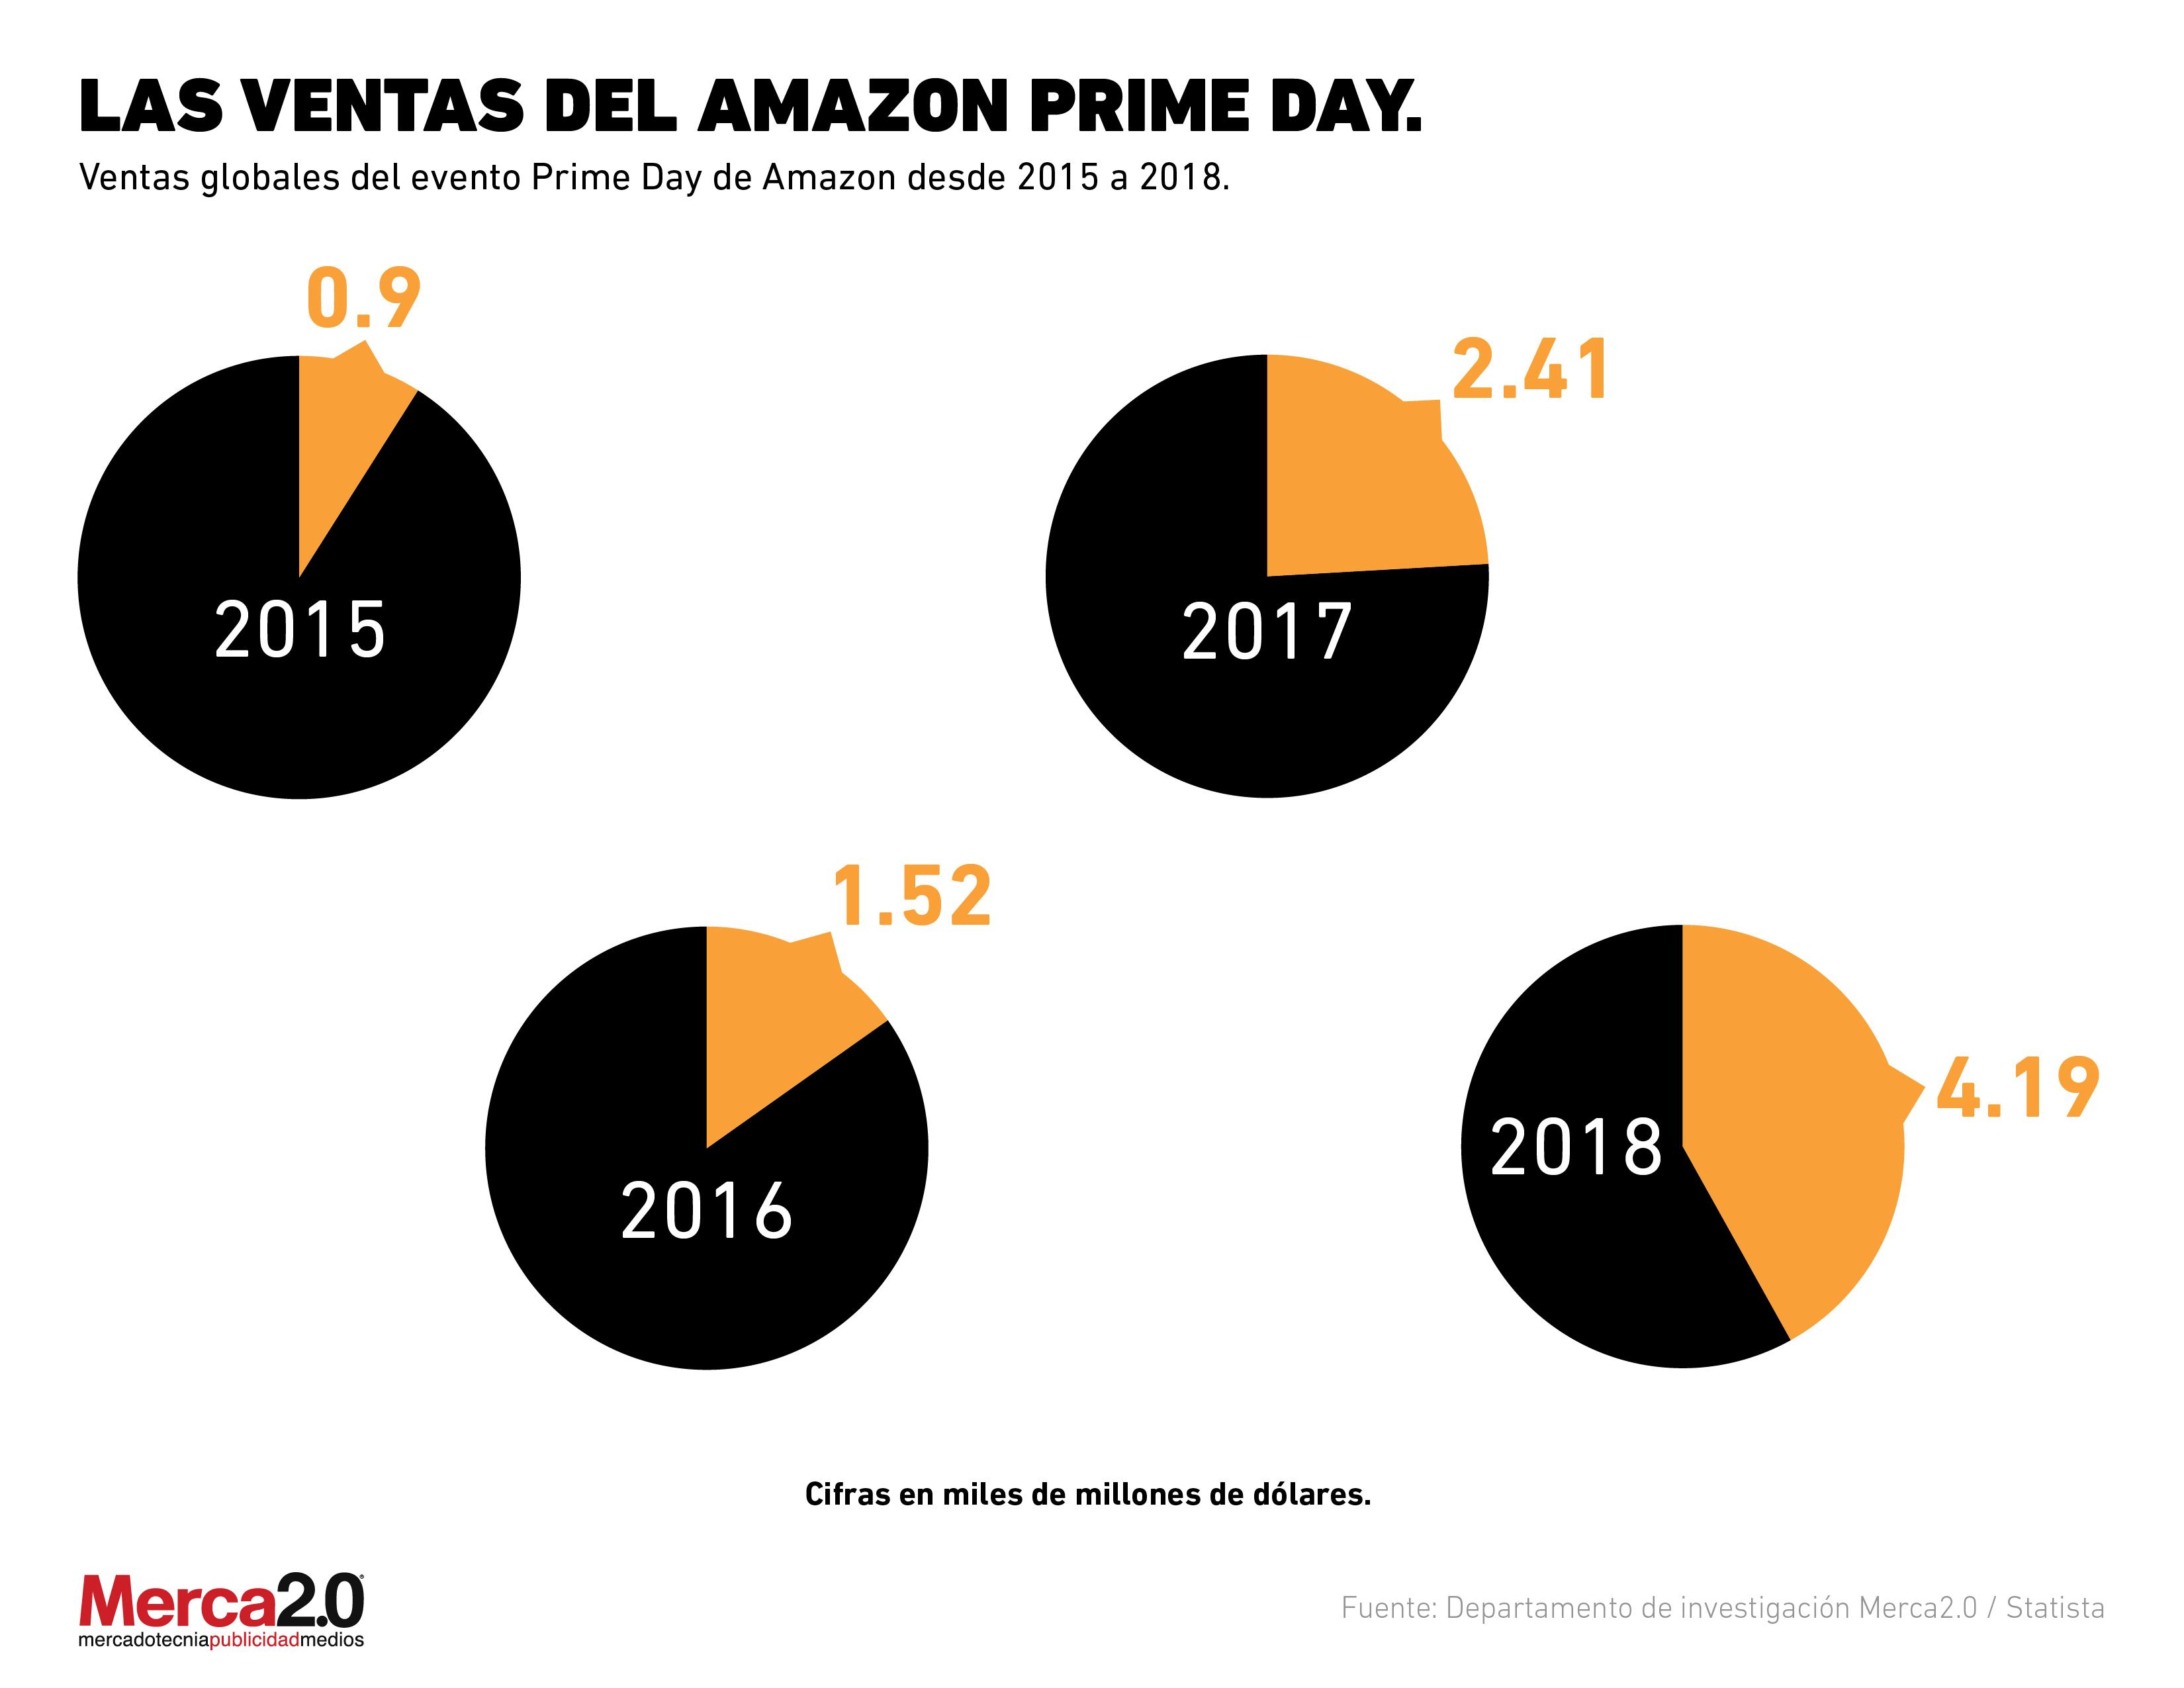 Las ventas de Amazon durante el Prime Day